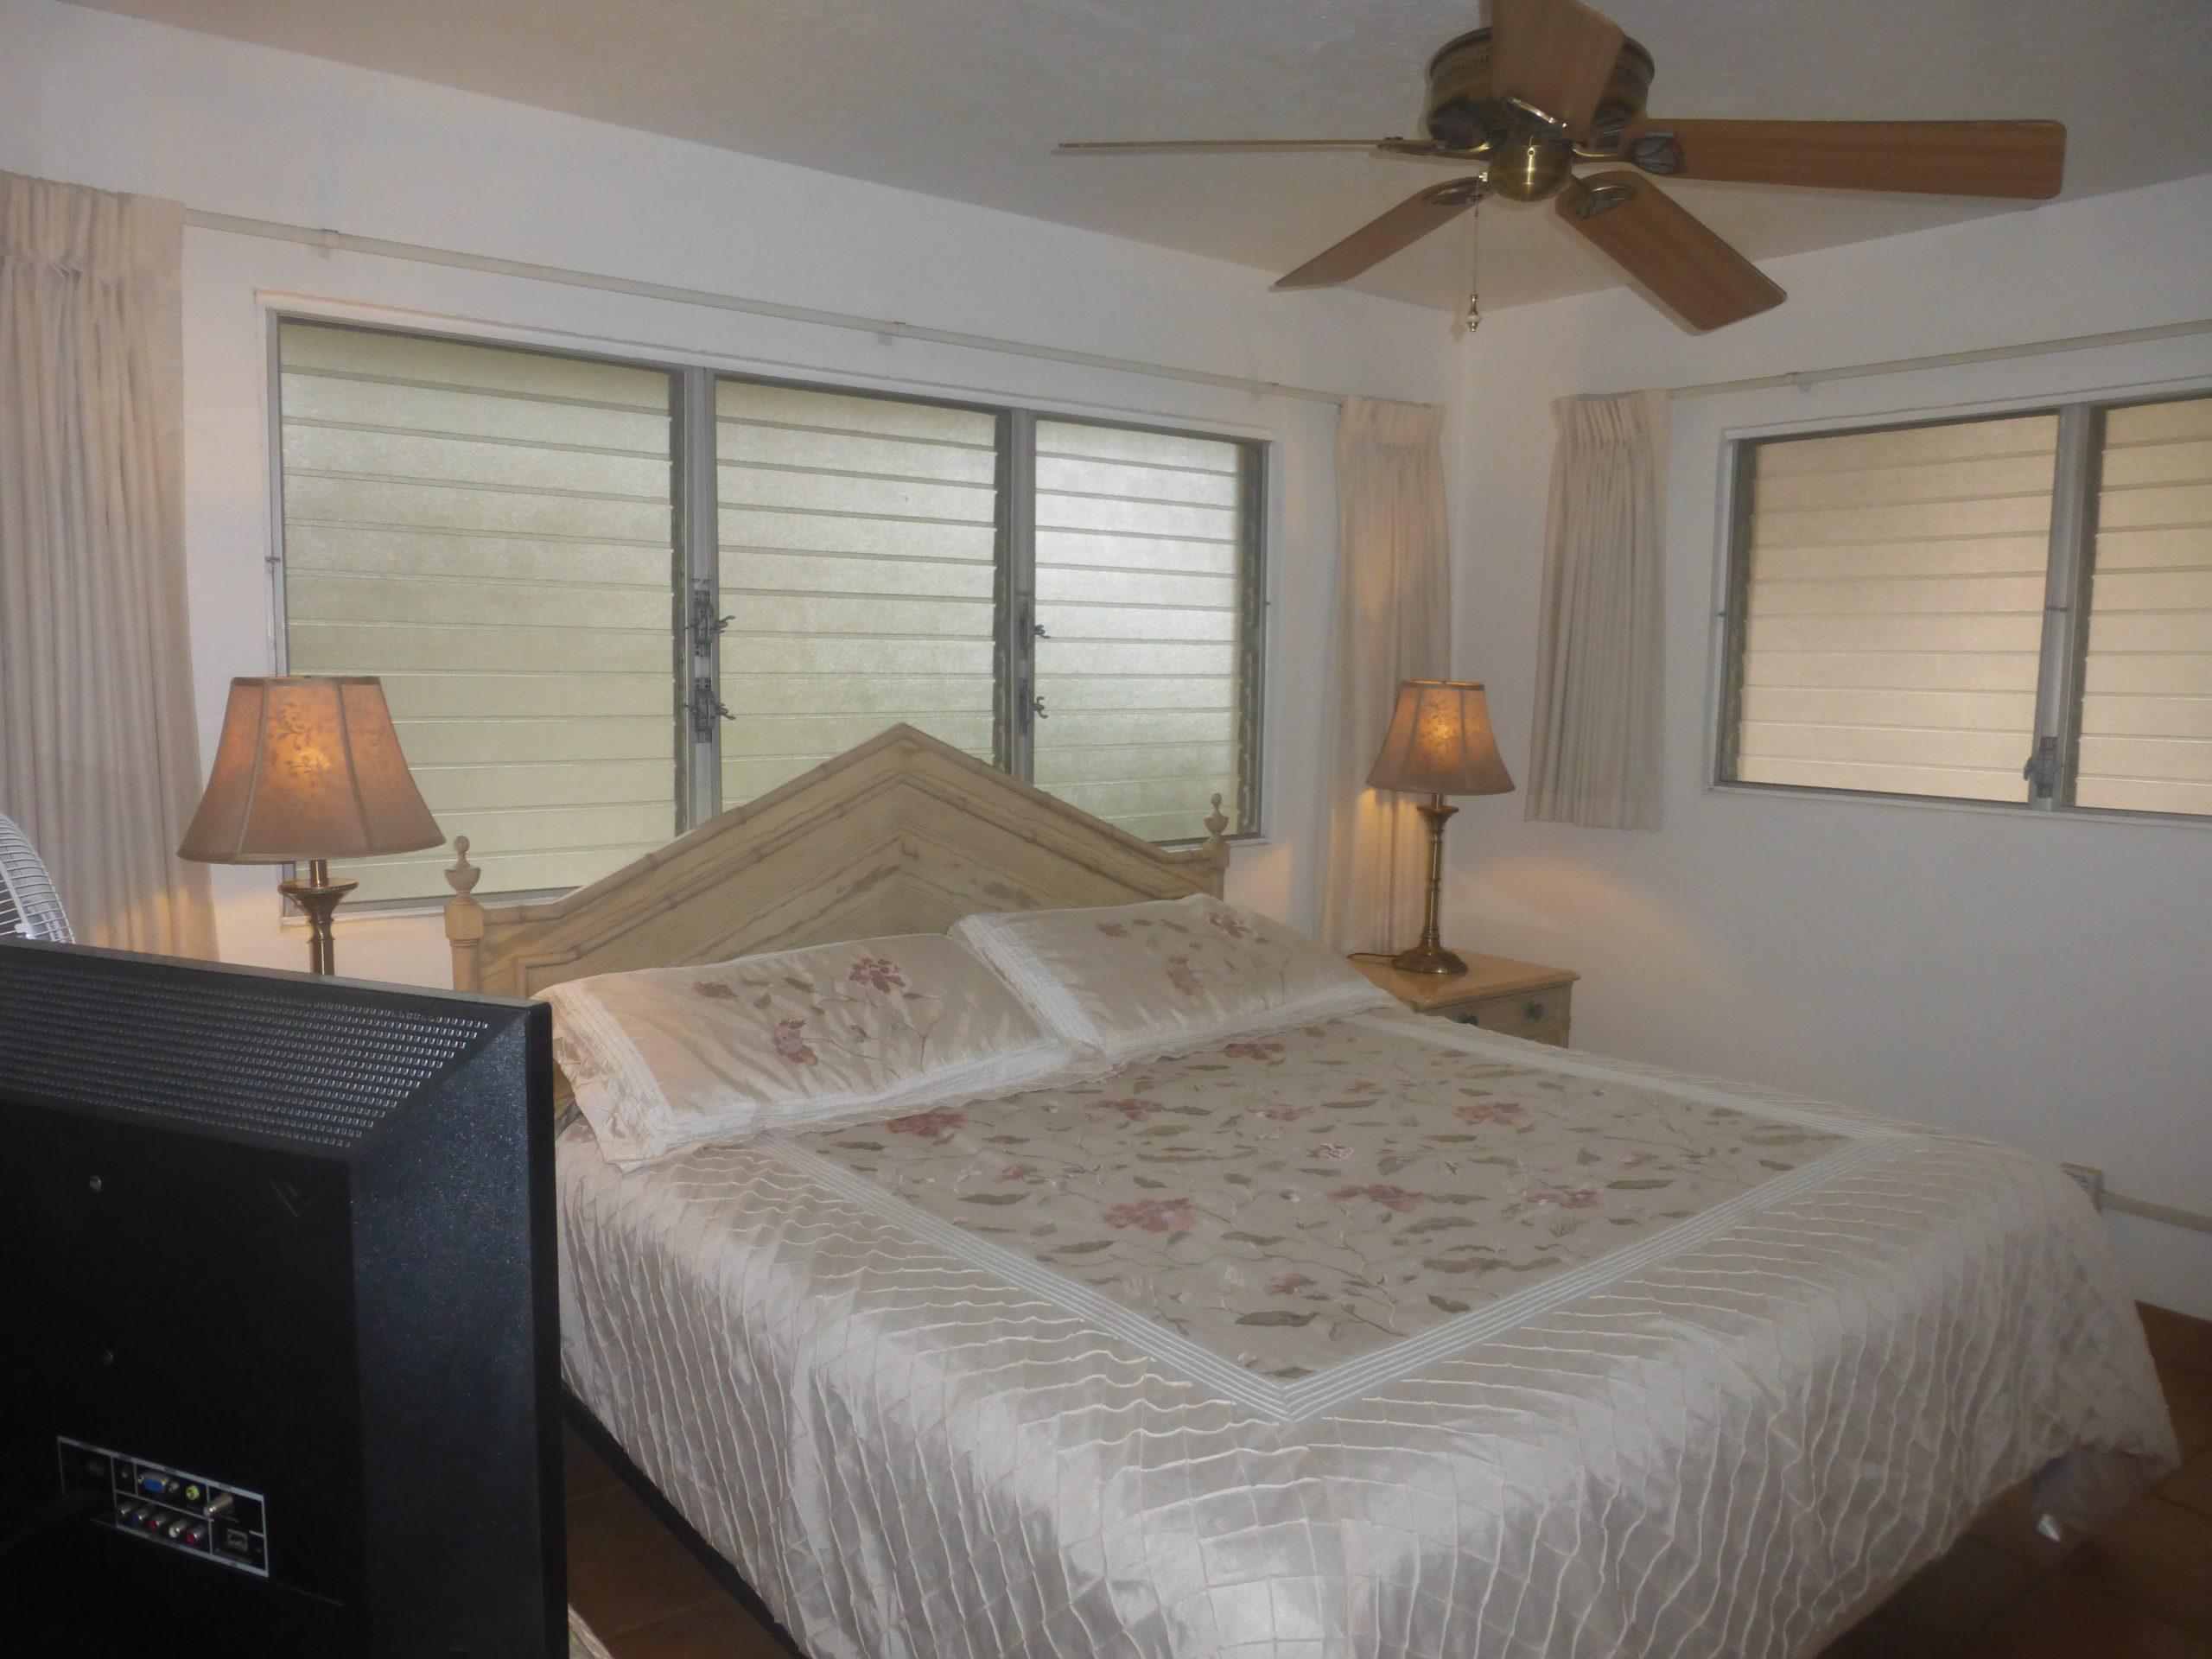 Condo 252 Bedroom 1